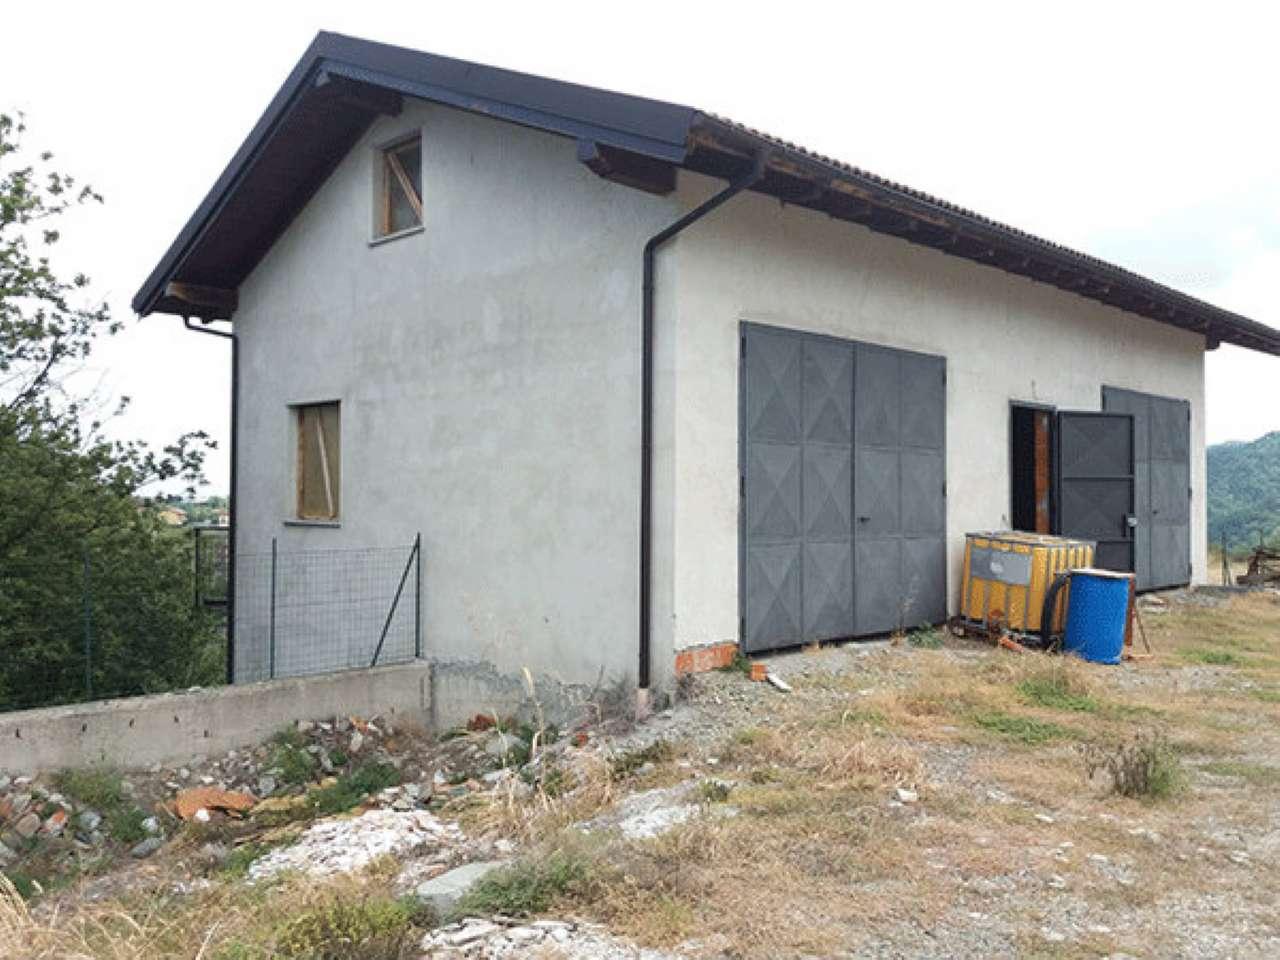 Rustico / Casale in vendita a Cassinelle, 2 locali, prezzo € 105.000 | PortaleAgenzieImmobiliari.it